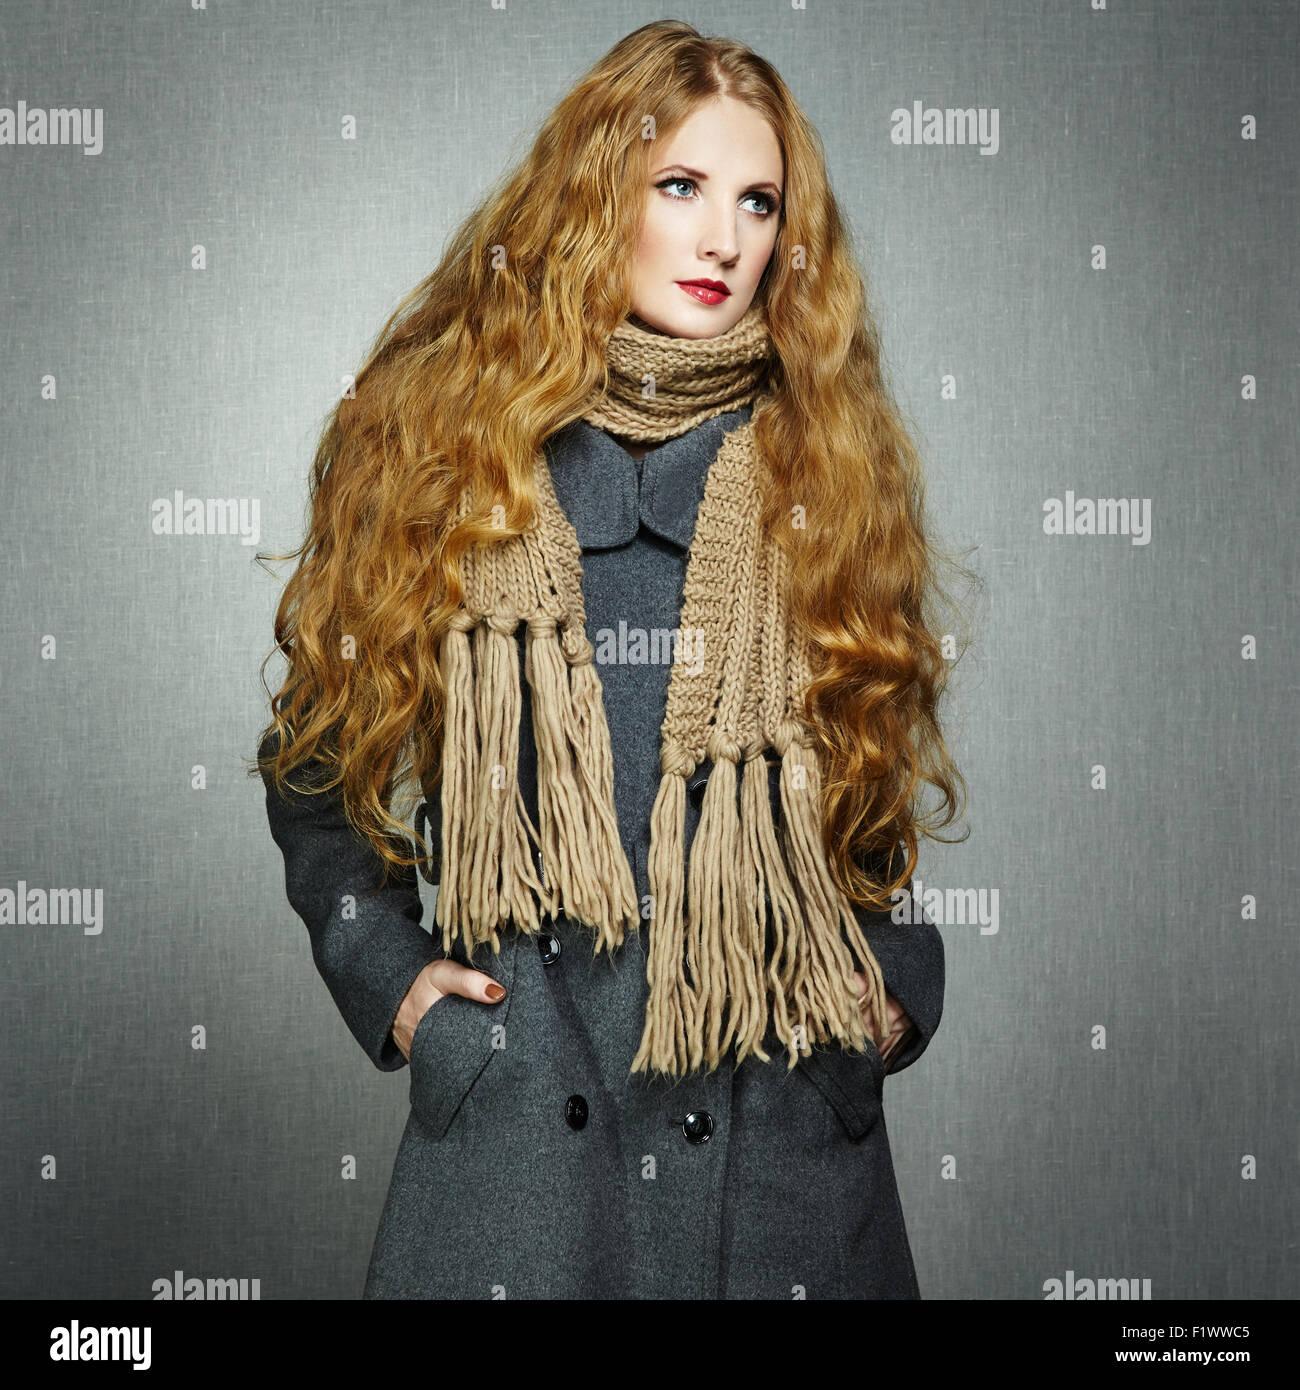 Ritratto di giovane donna in autunno cappotto. Fotografia di moda Immagini Stock